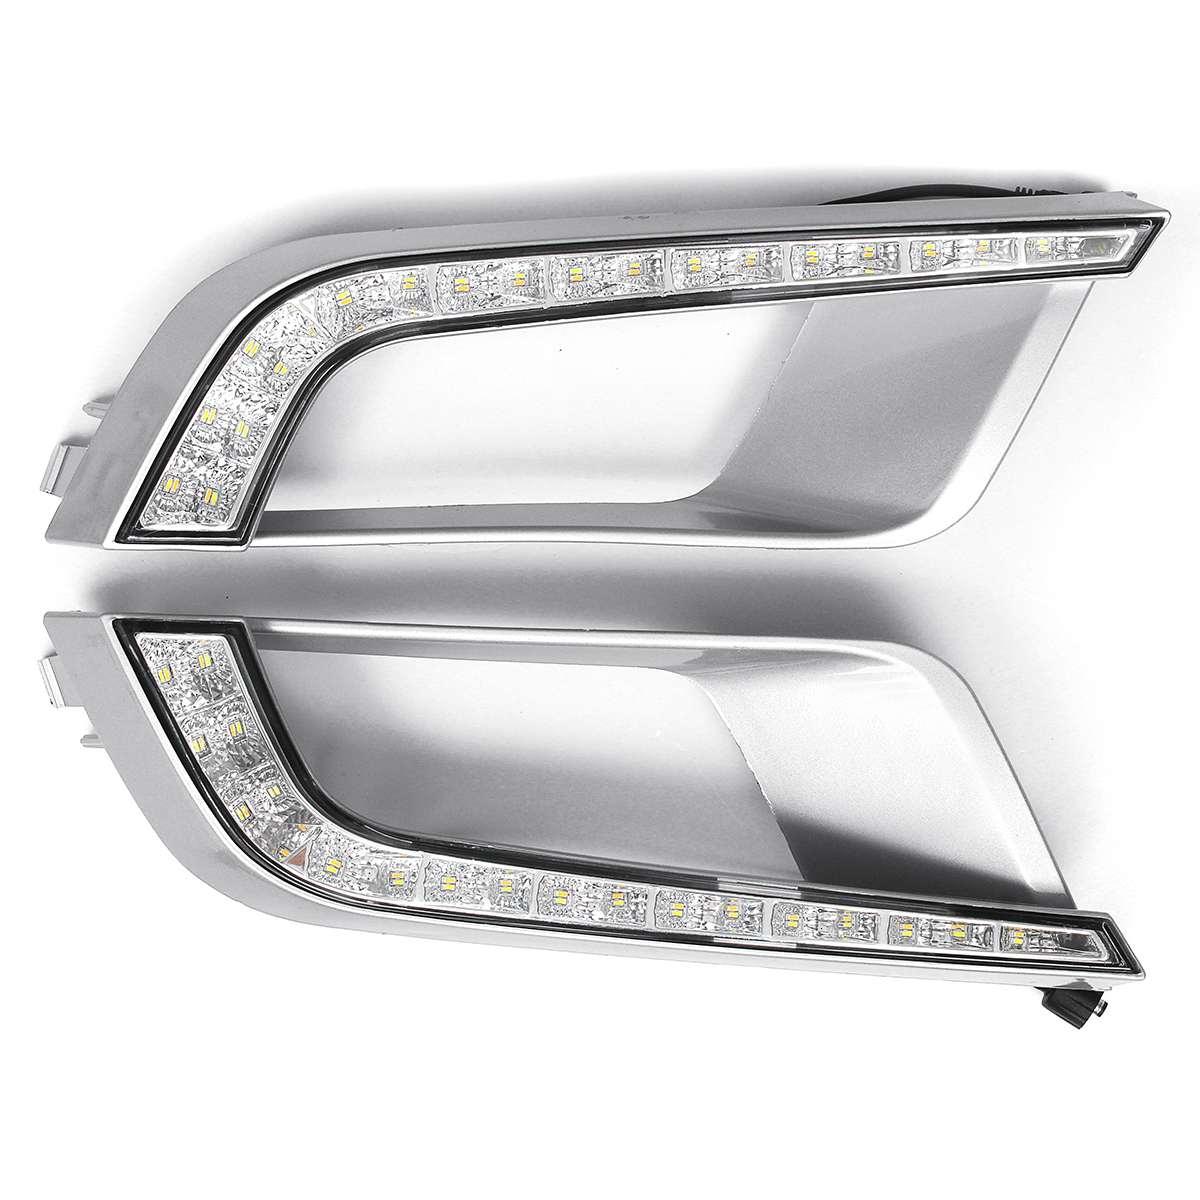 1 Pairs LED DRL Daytime Running Lamp Car Light Beads Assembly for Ford Ranger Wildtrak T6 MK2 2016-20181 Pairs LED DRL Daytime Running Lamp Car Light Beads Assembly for Ford Ranger Wildtrak T6 MK2 2016-2018